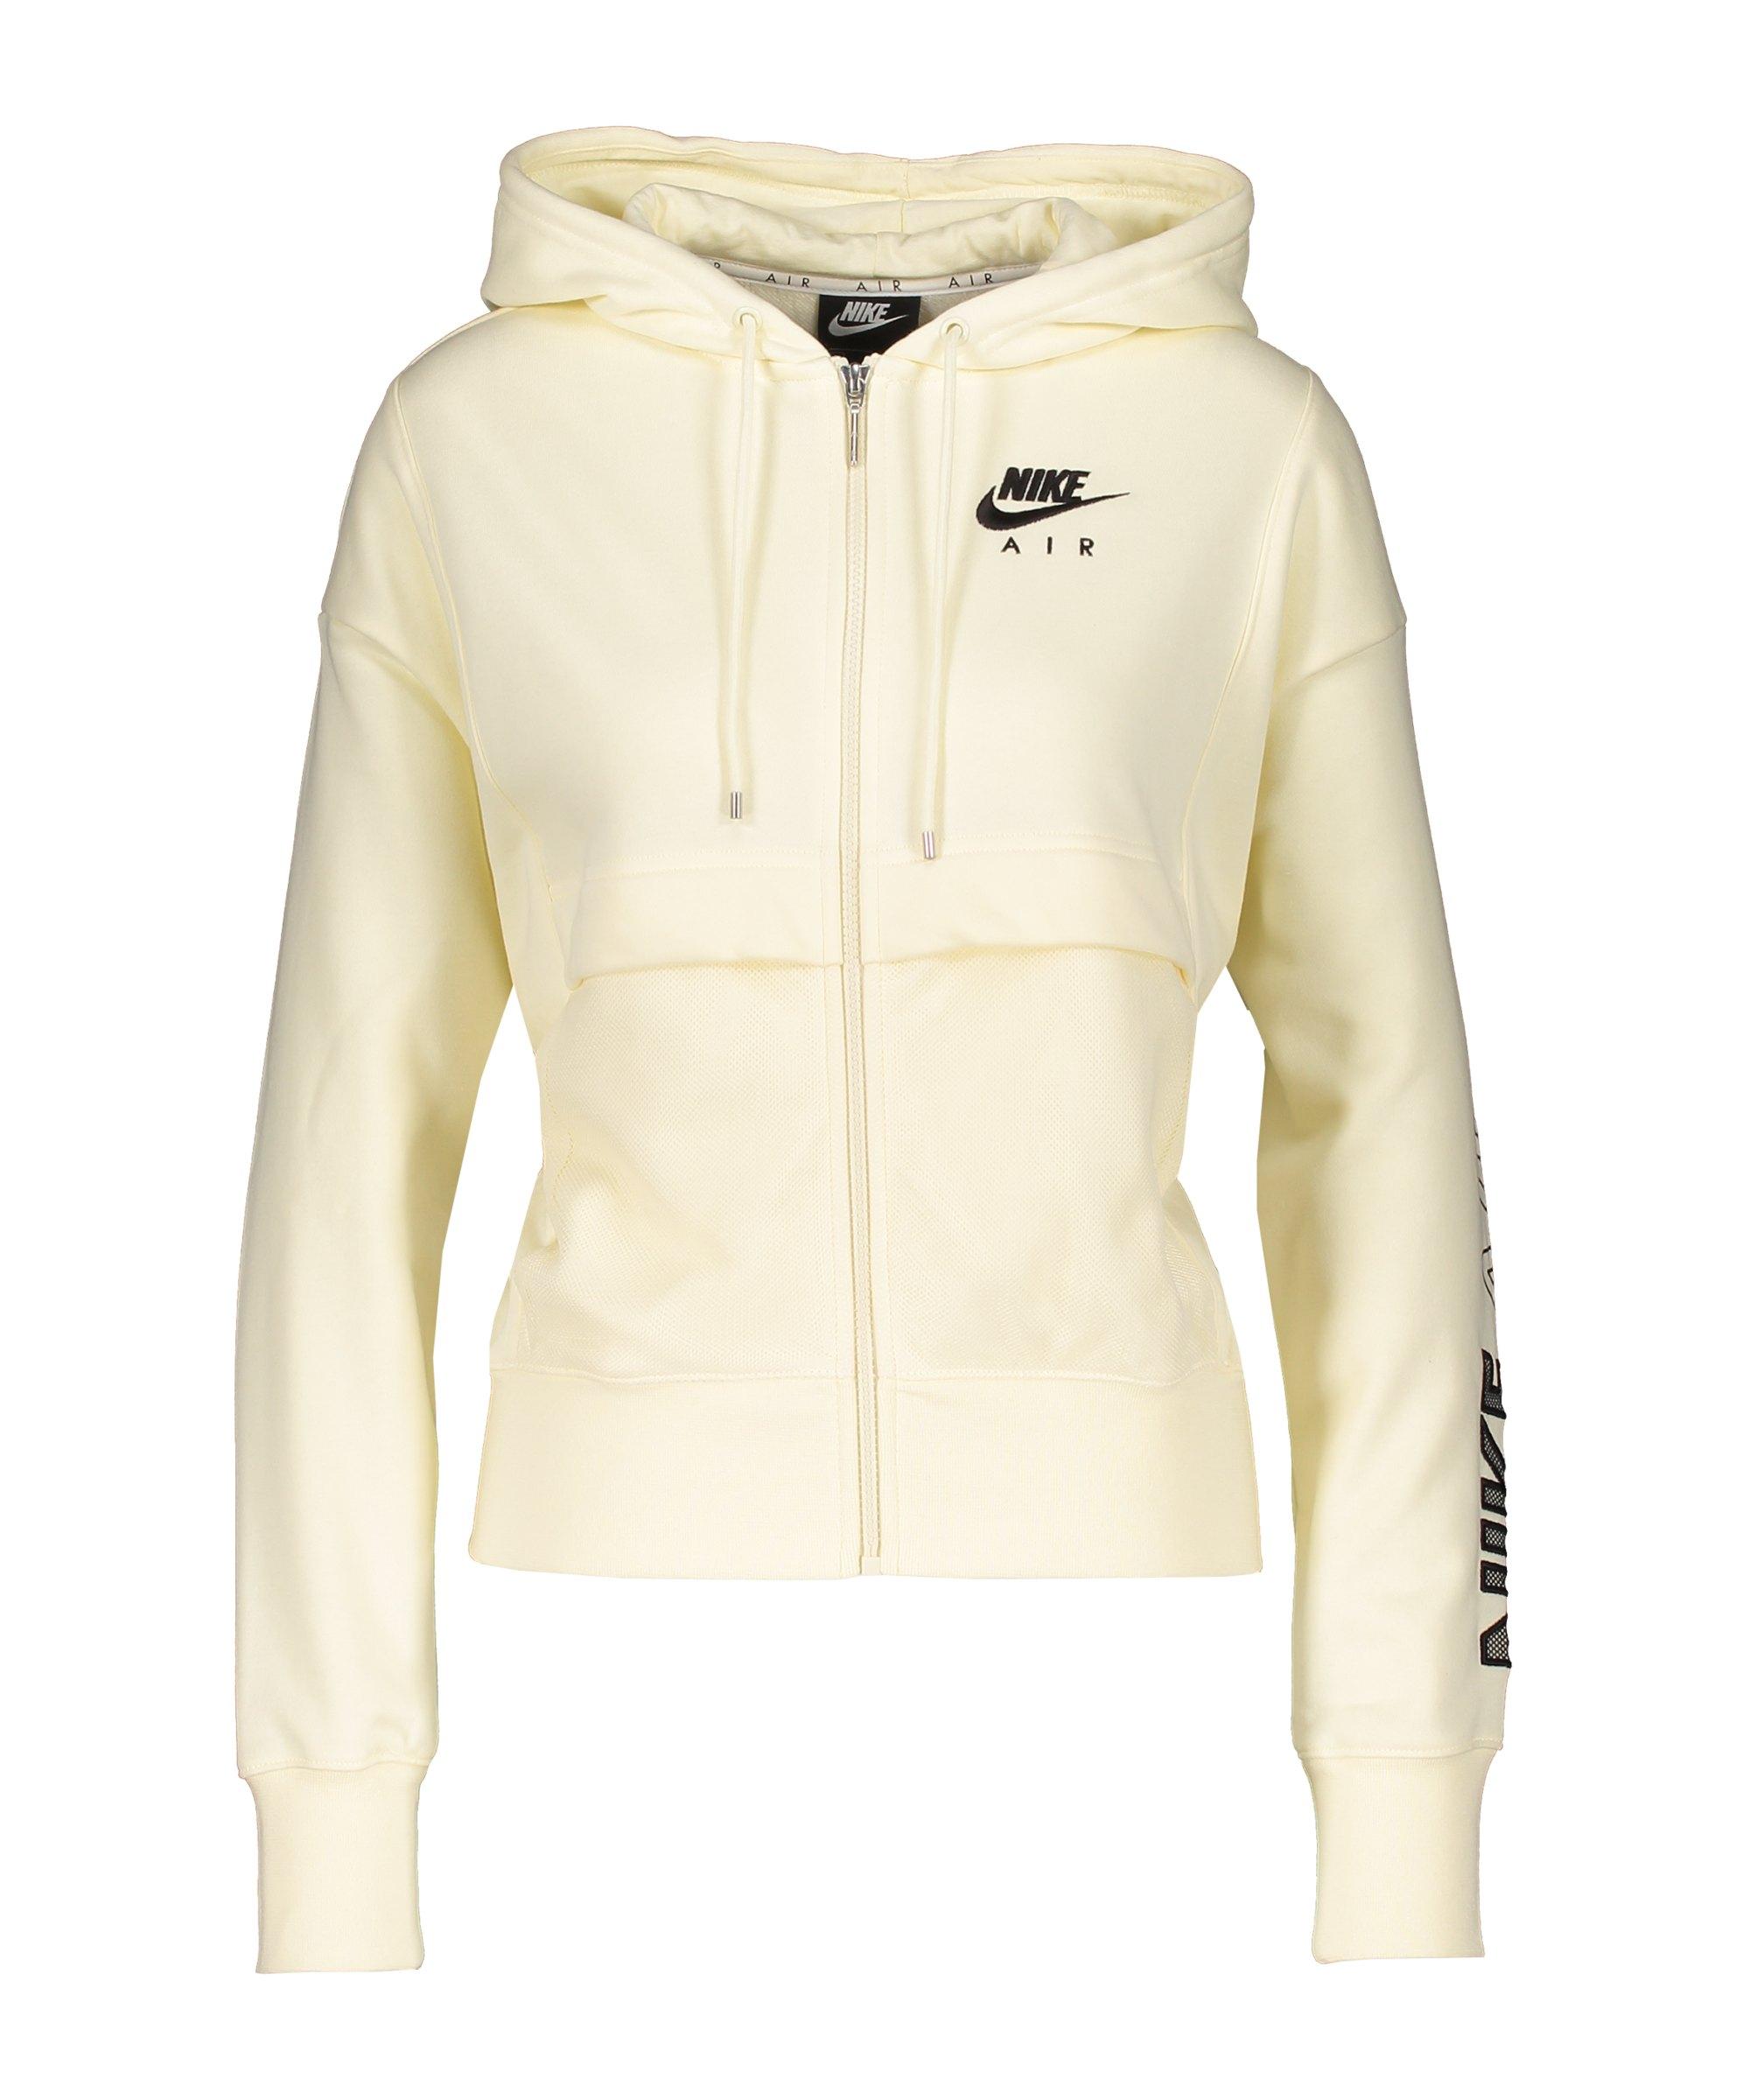 Nike Air Kapuzenjacke Damen Beige Schwarz F113 - beige